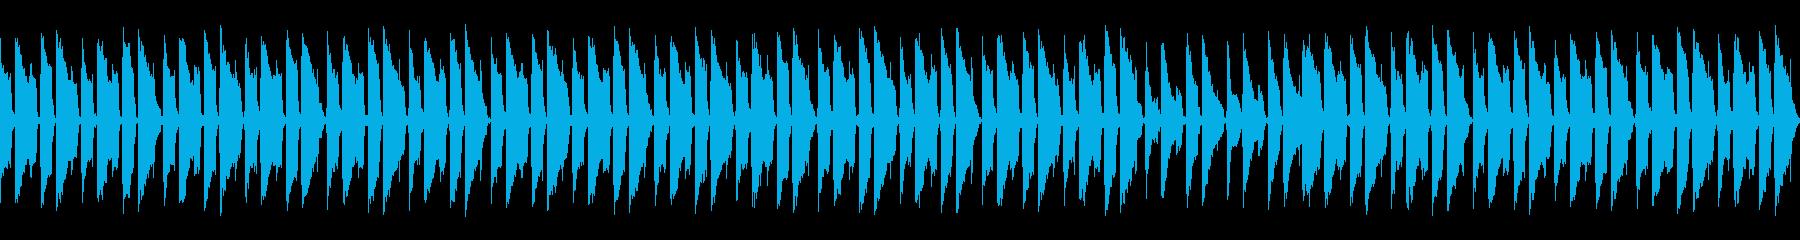 ゆったりしたムーディーなチルトラックの再生済みの波形